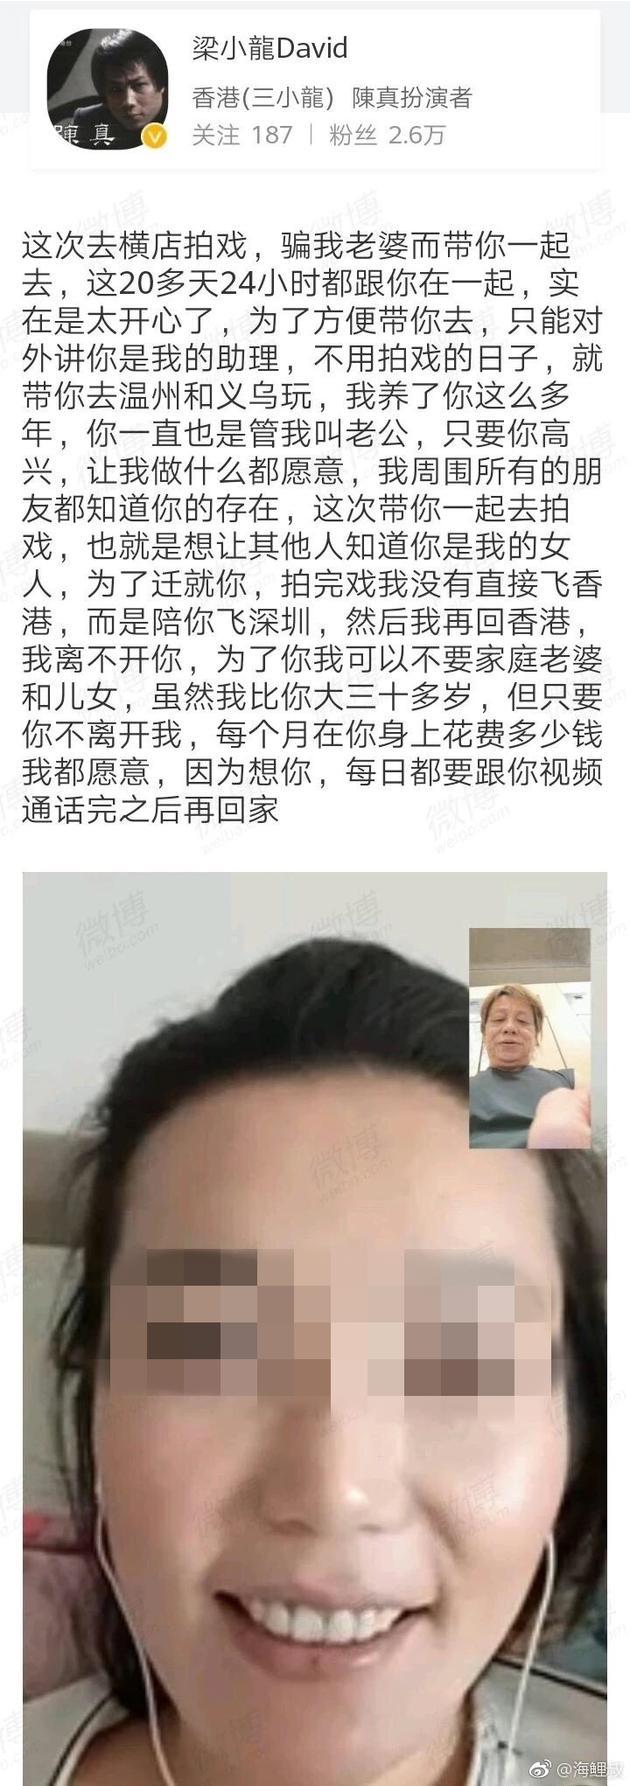 网曝梁幼龙发微博承认出轨,然后又删除微博